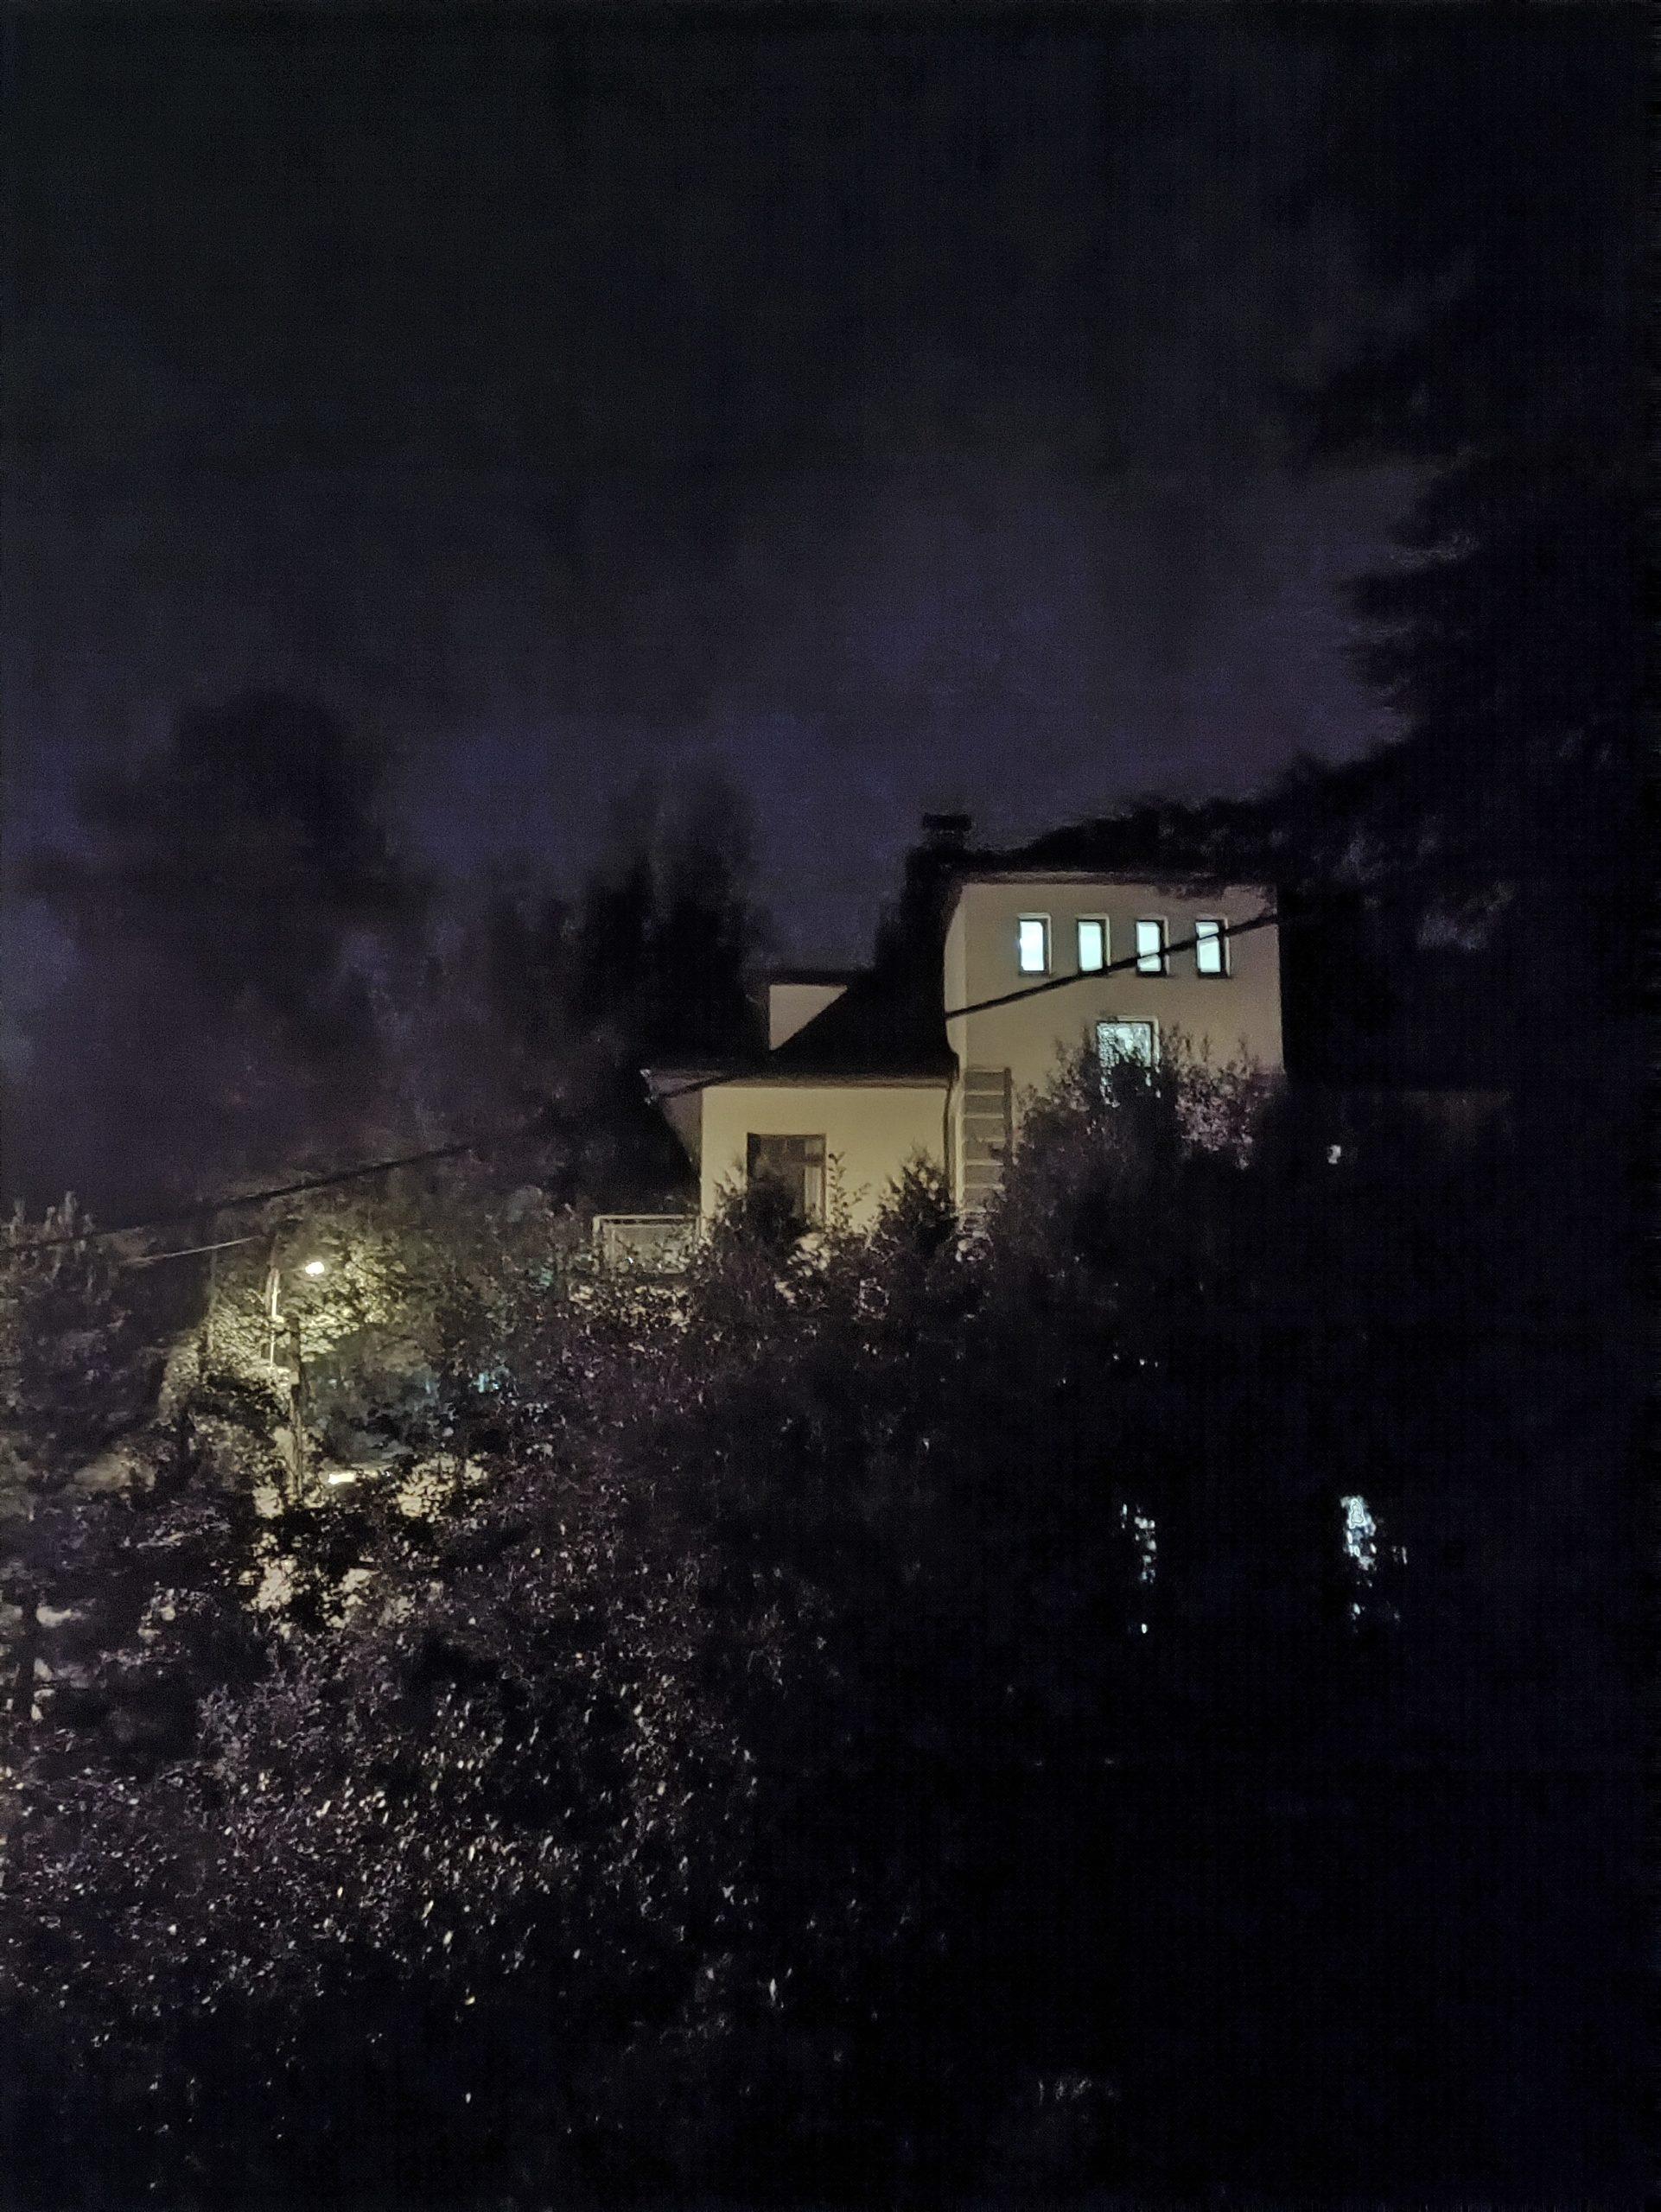 Nord CE 5G noc z trybem budynek